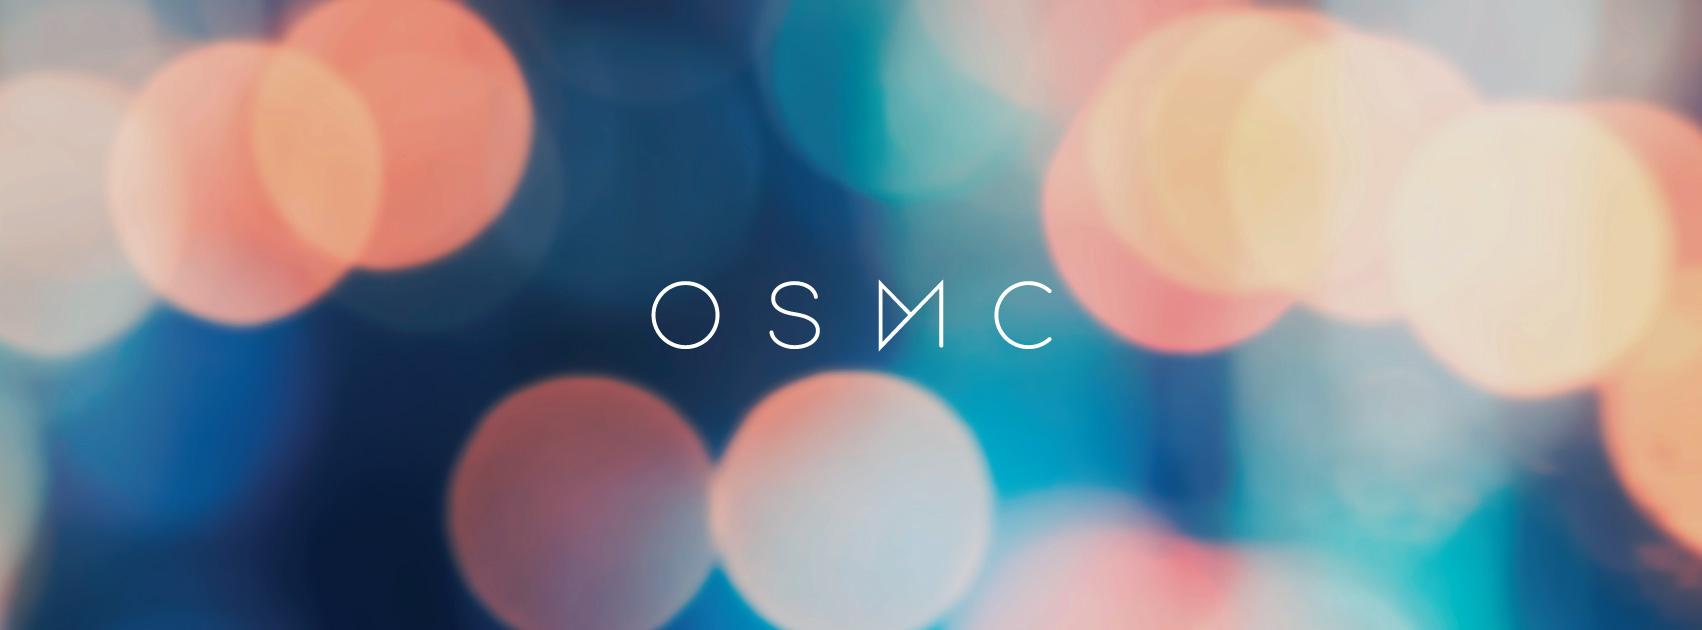 Nom : OSMC_FB_Banner.jpg Affichages : 21063 Taille : 121,5 Ko